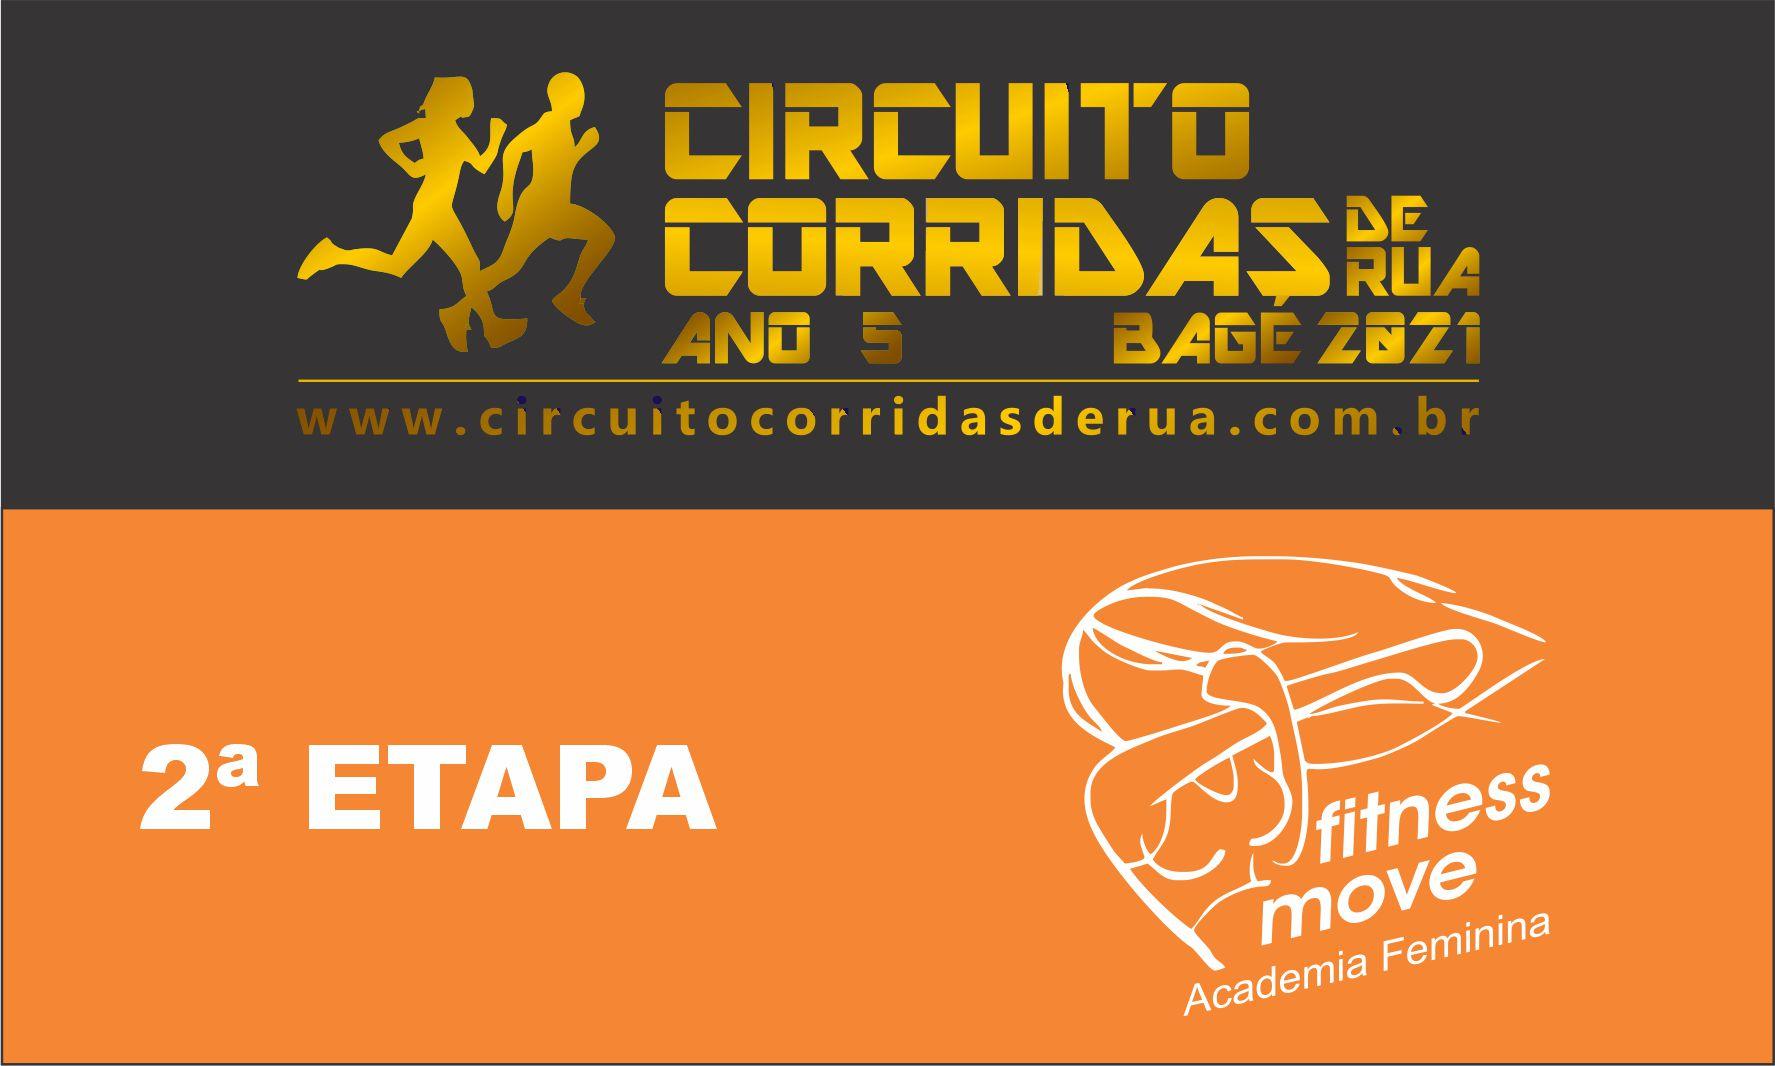 CIRCUITO CORRIDAS DE RUA DE BAGÉ ANO 5 - 2ª ETAPA - ACADEMIA FITNESS MOVE